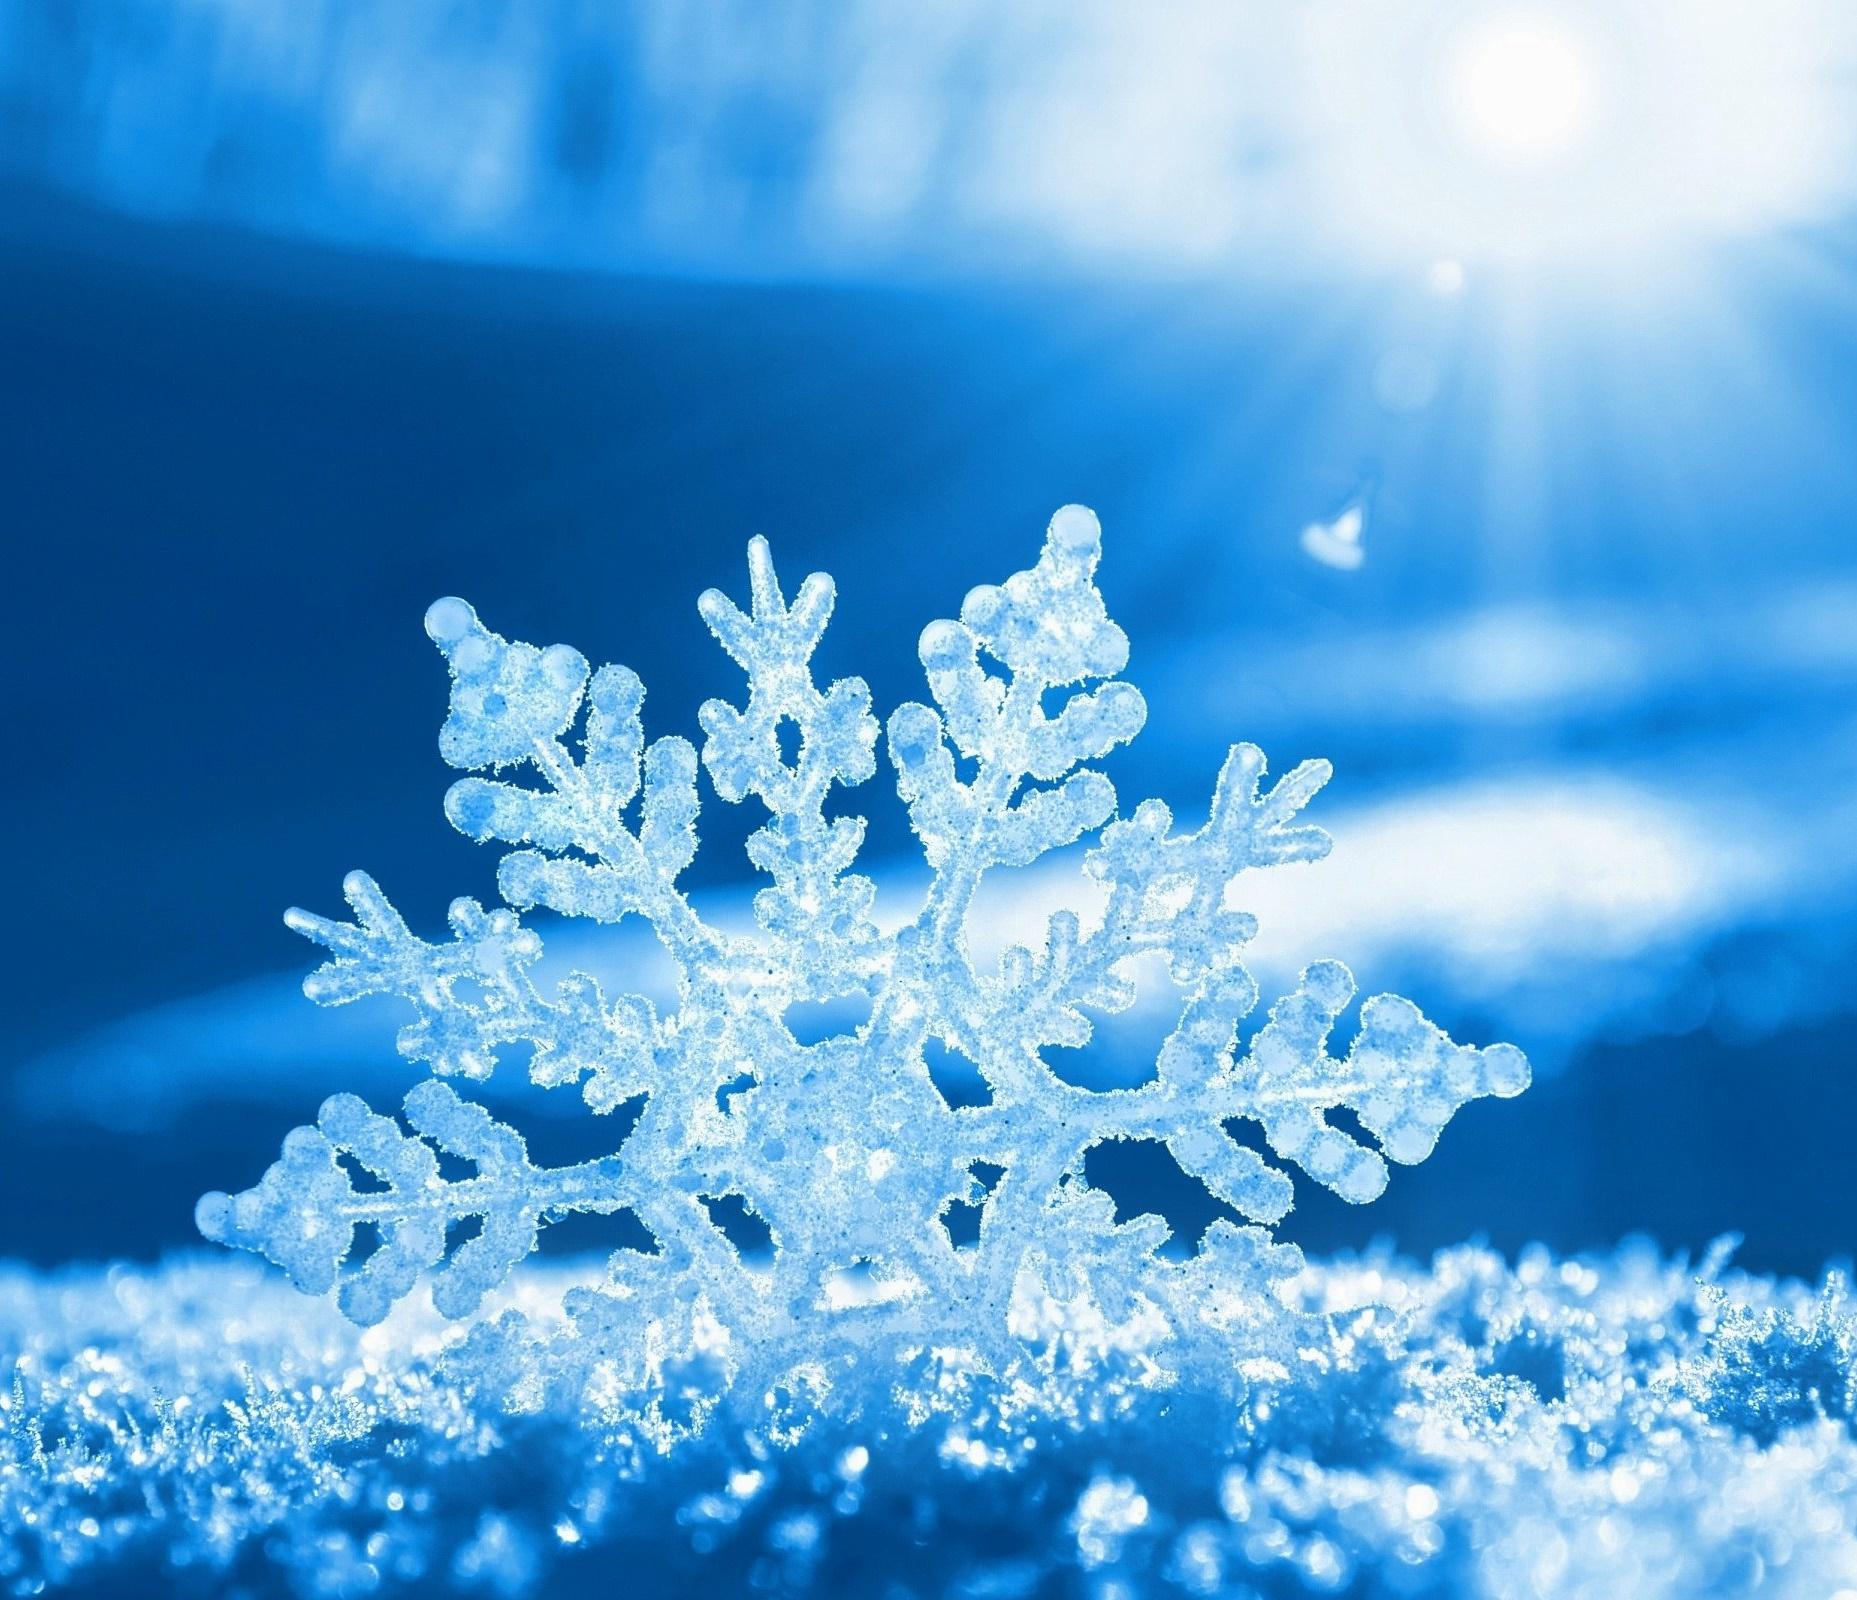 La Nieve Ese Mágico Elemento Lugares De Nieve